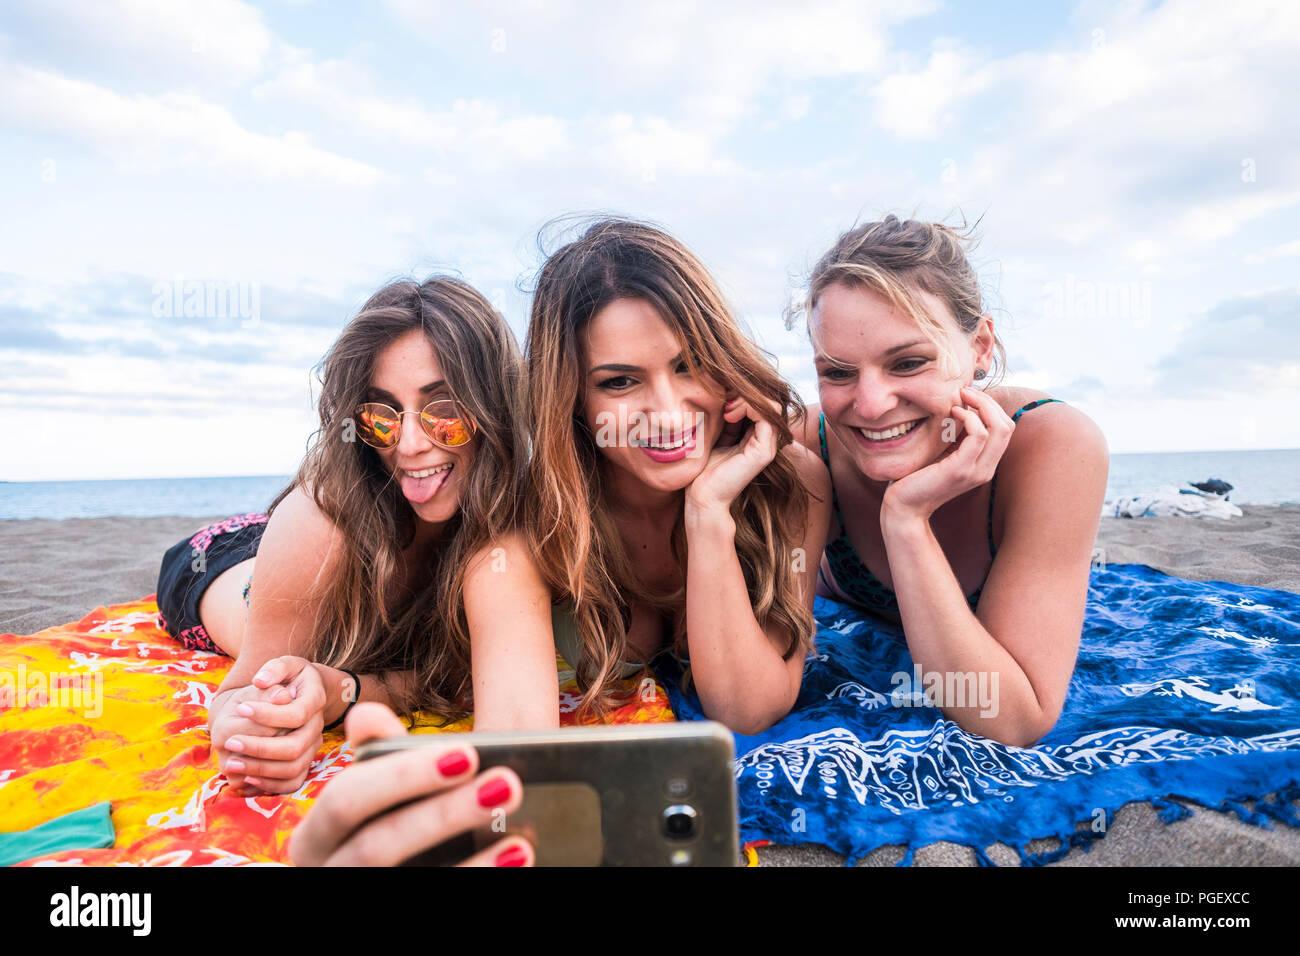 Bonito grupo de hembras jóvenes chica utilizando un teléfono inteligente tumbado en la playa, con el mar y un horizonte evocador en el fondo. alegres personas disfrutando del LIF Imagen De Stock